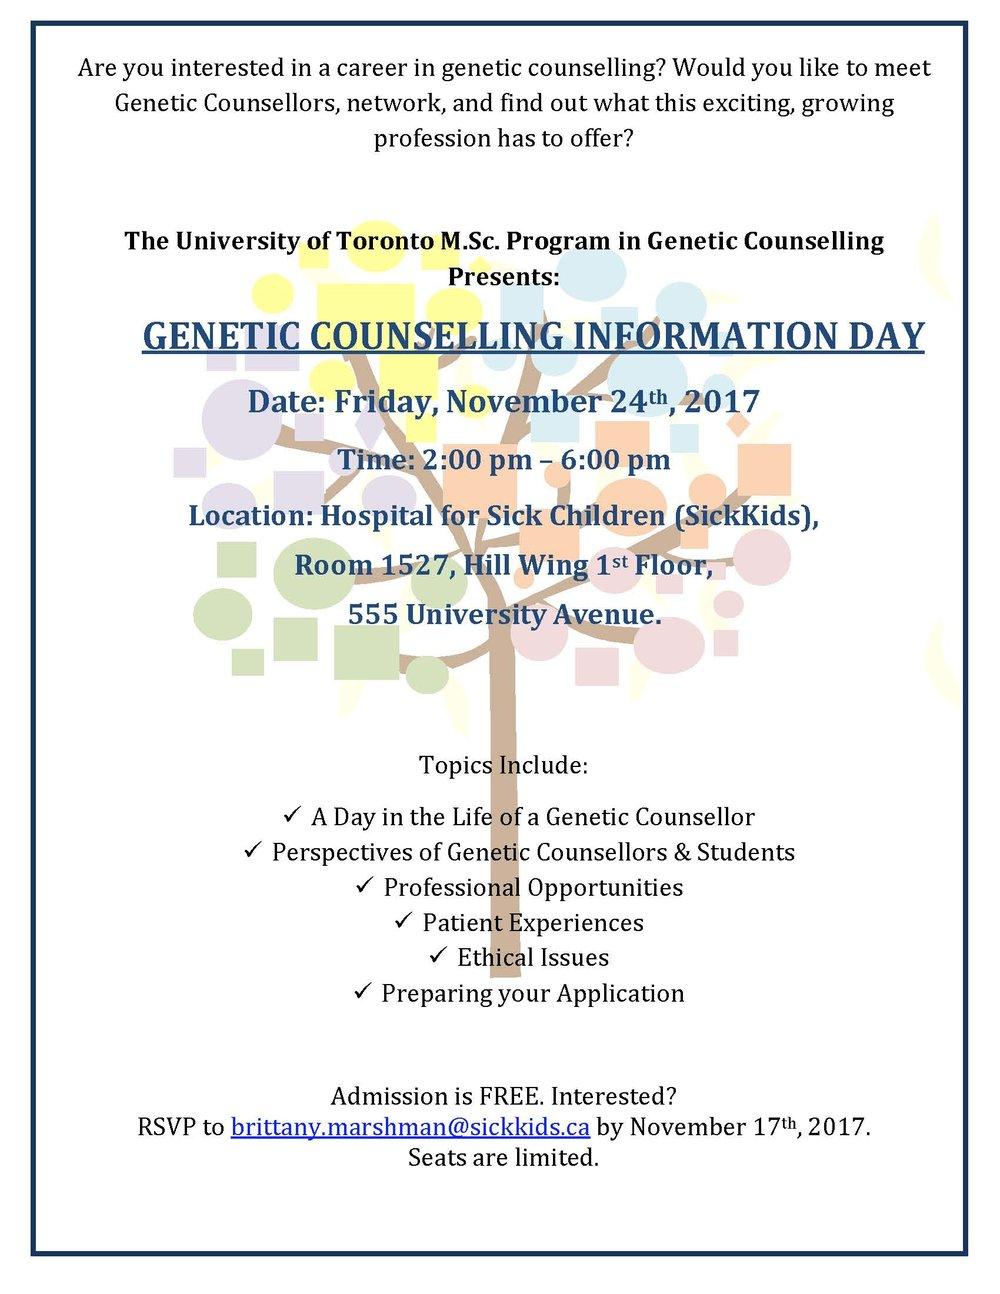 GeneticCounsellingInfo Day Poster 2017.jpg